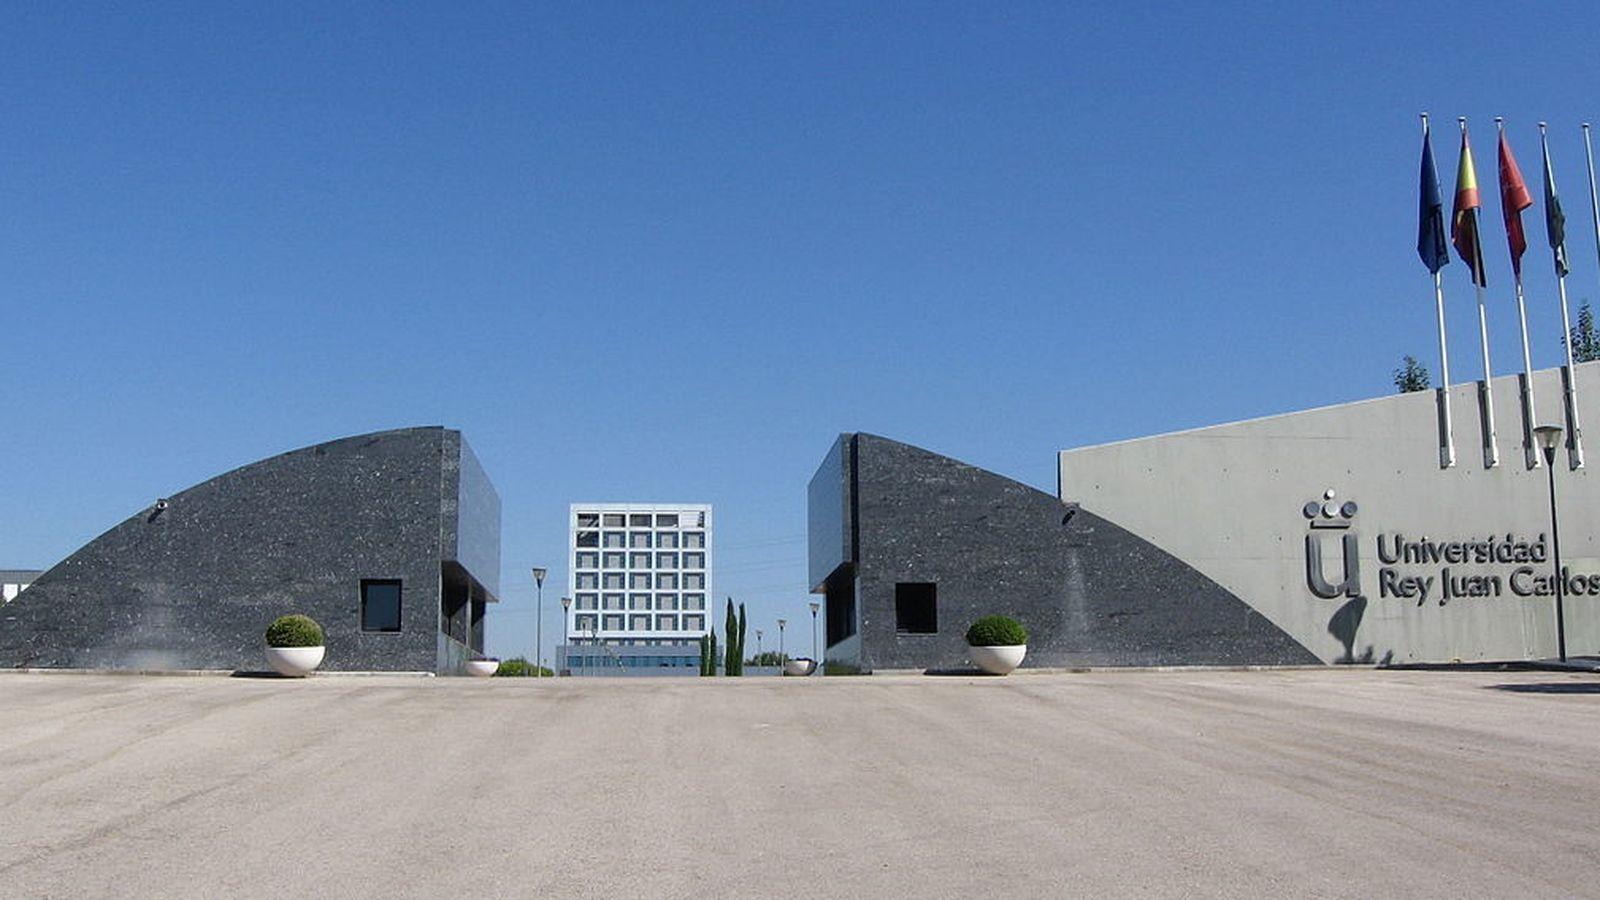 Foto: Entrada al Campus de Móstoles de la Universidad Rey Juan Carlos.